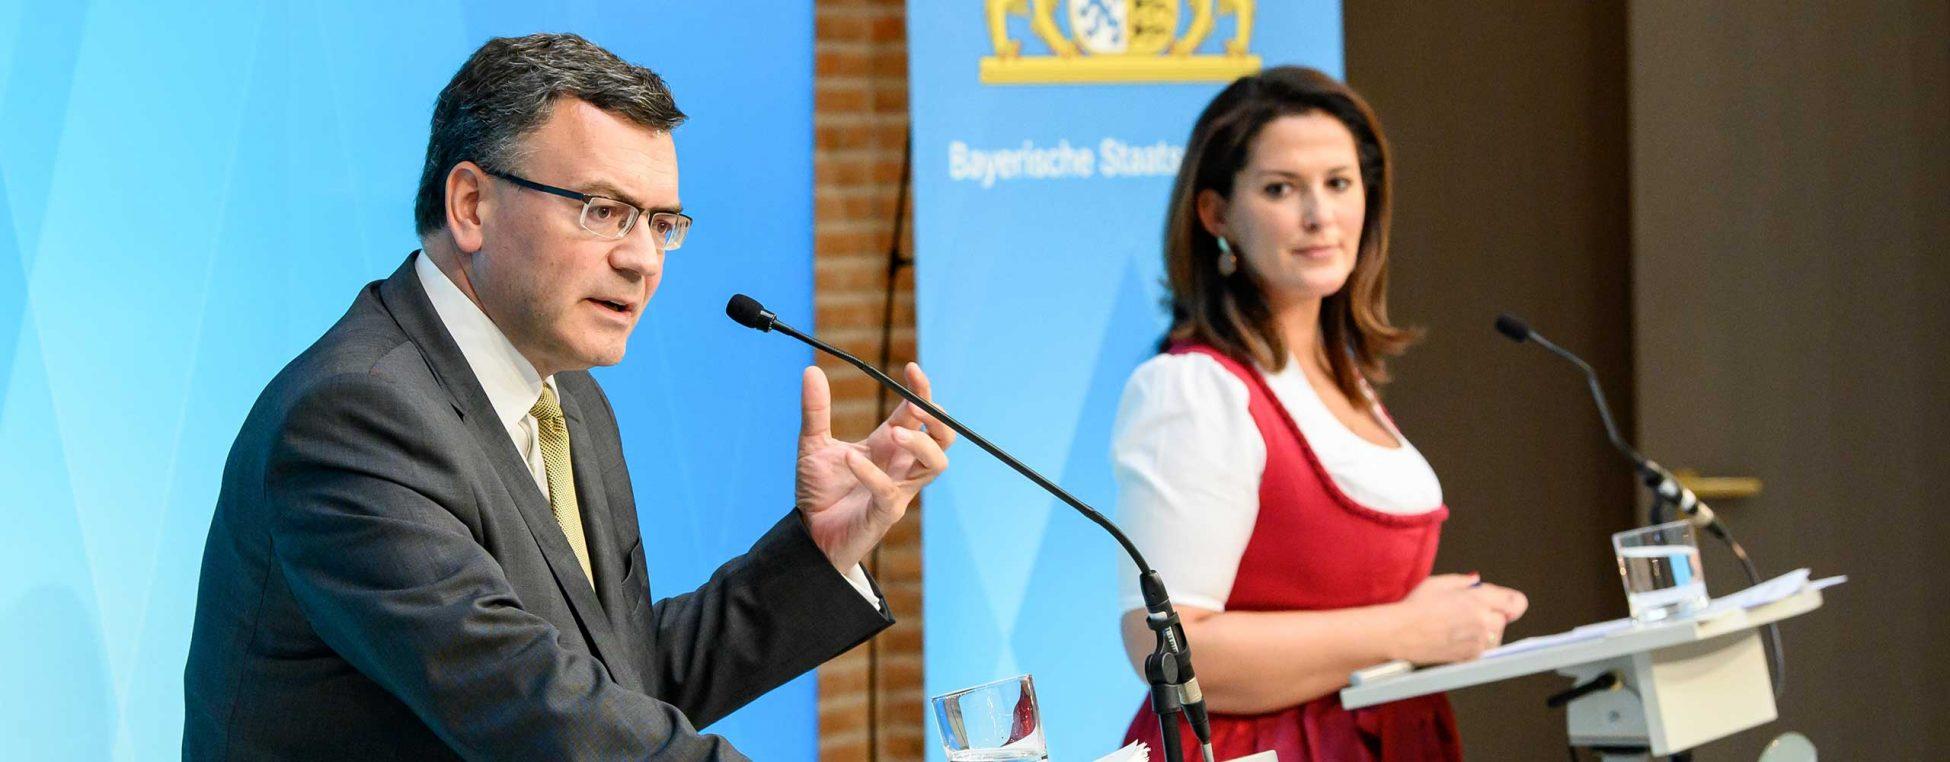 Dr. Joachim Herrmann bei der Pressekonferenz der Staatsregierung am 7. Juli 2020.